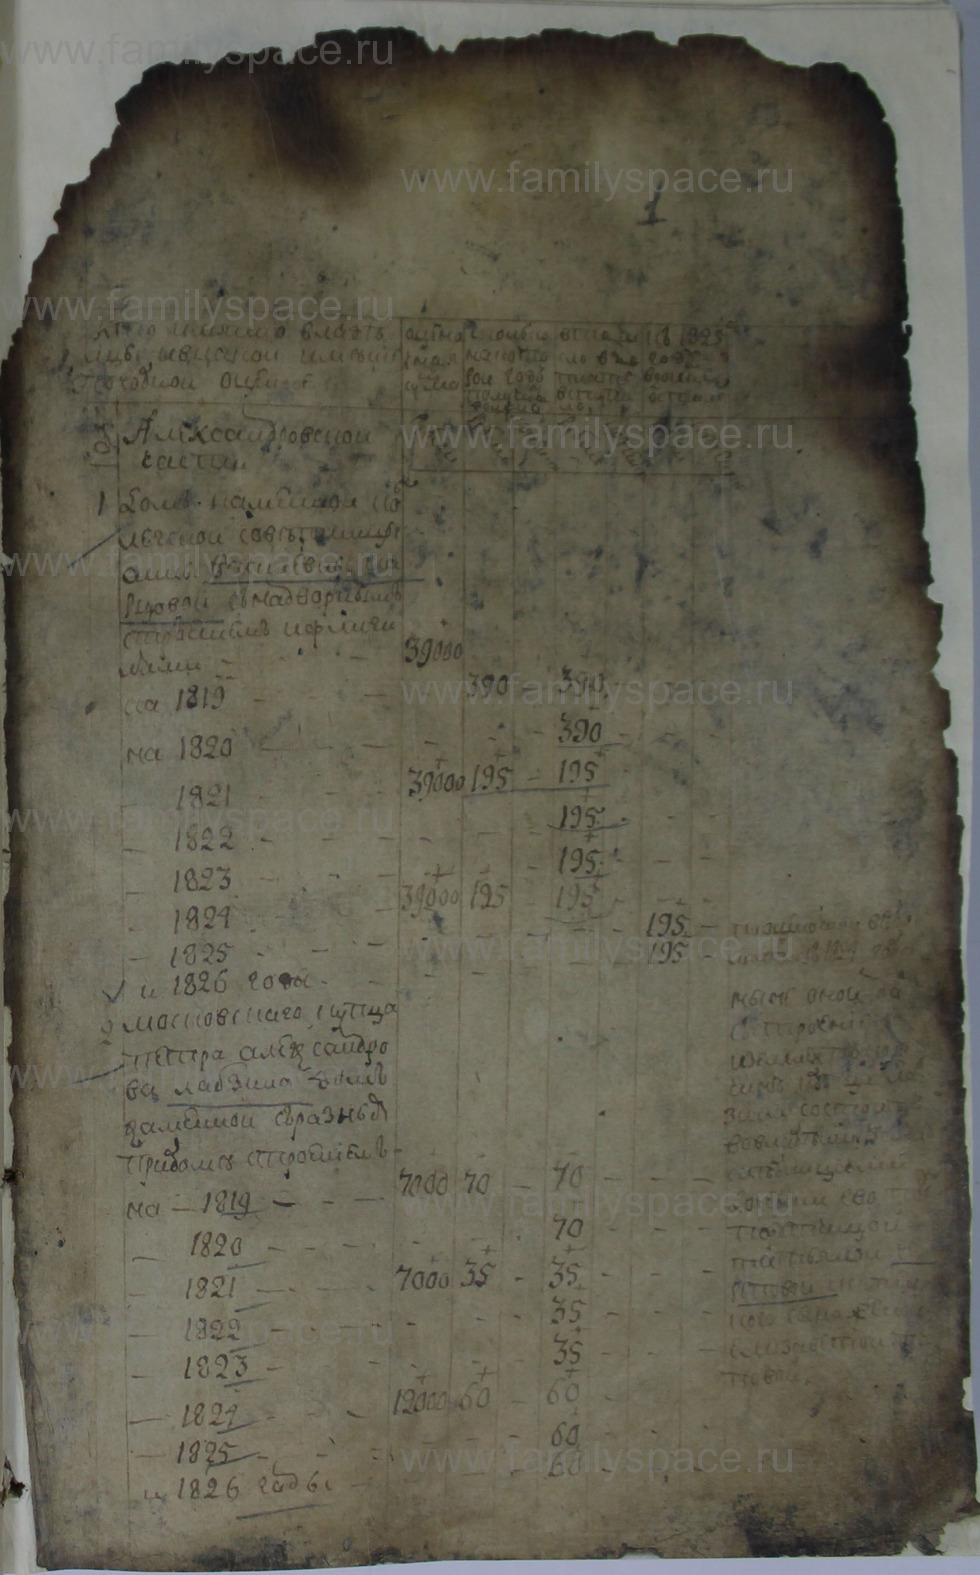 Поиск по фамилии - Ведомости оценки недвижимых имуществ г. Кострома 1829г, страница 1